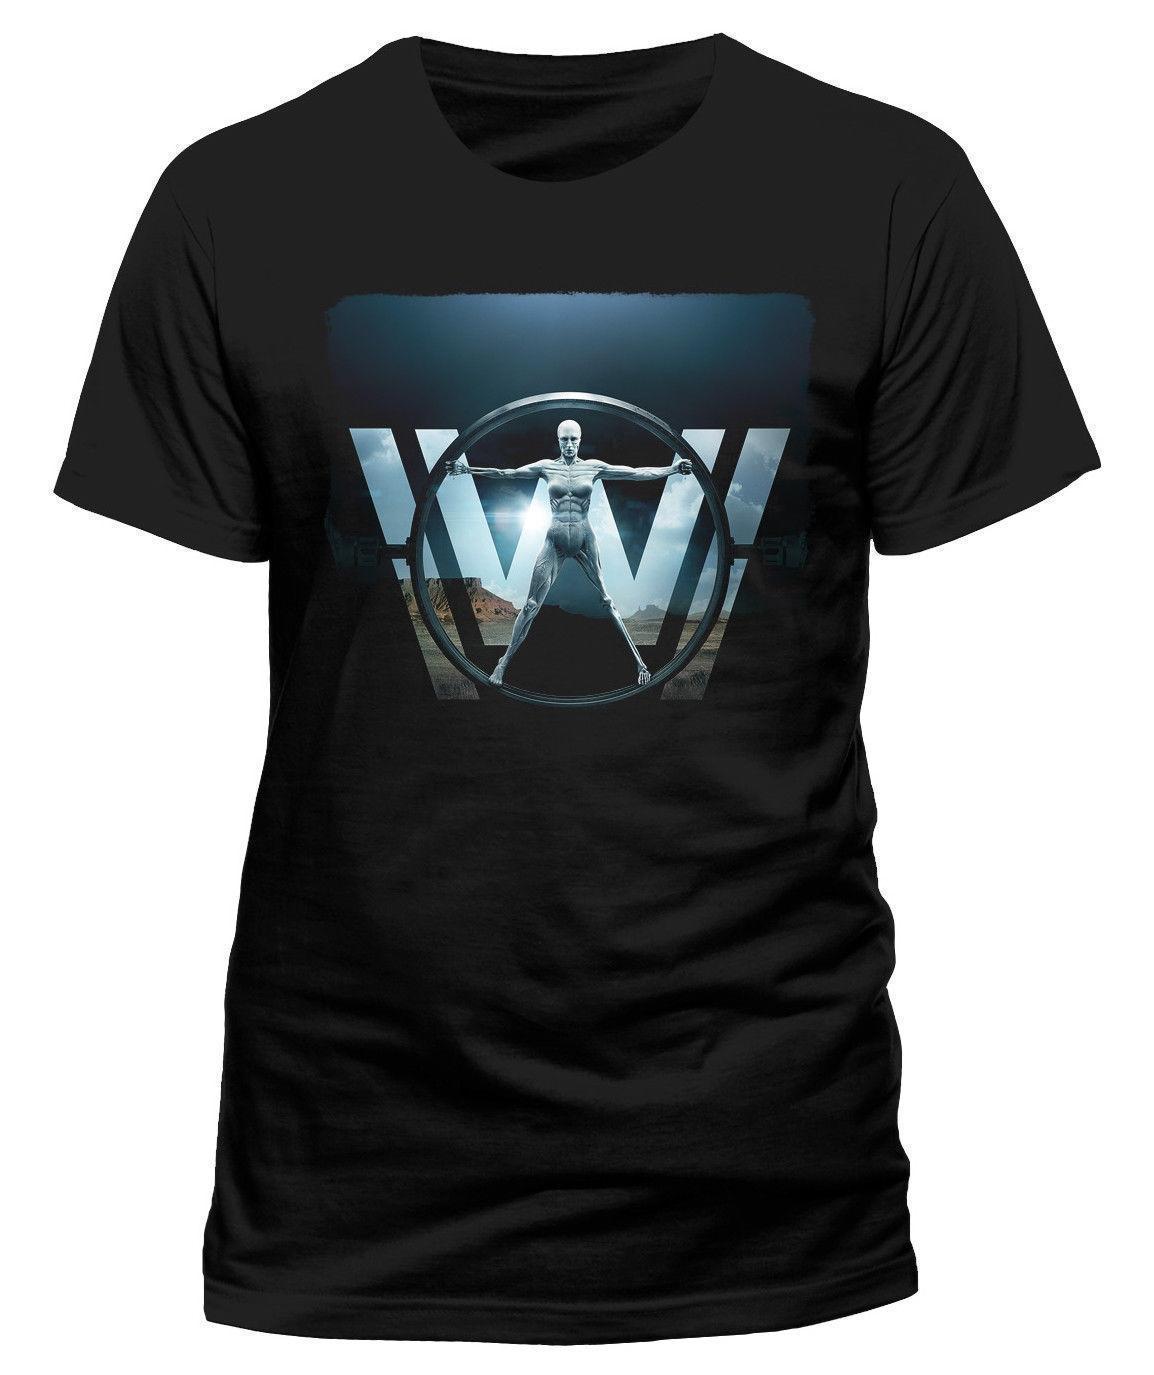 513c7eff Westworld 'Vitruvian WOMAN' T SHIRT NUOVO E ORIGINALE Silly T Shirt ...